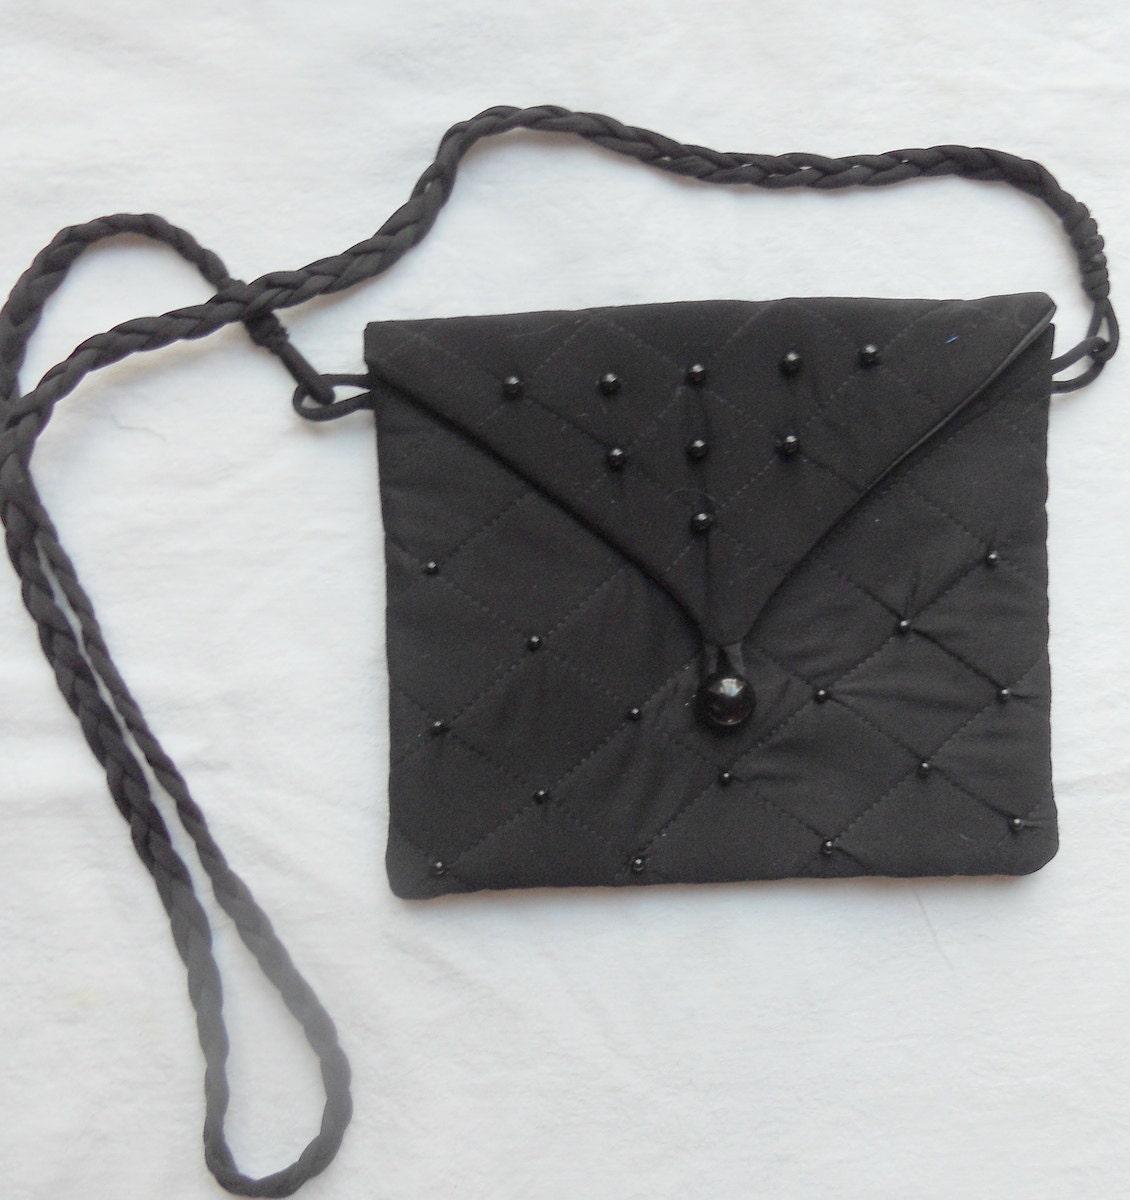 schwarze kleine quadratische tasche geldb rse gesteppte. Black Bedroom Furniture Sets. Home Design Ideas